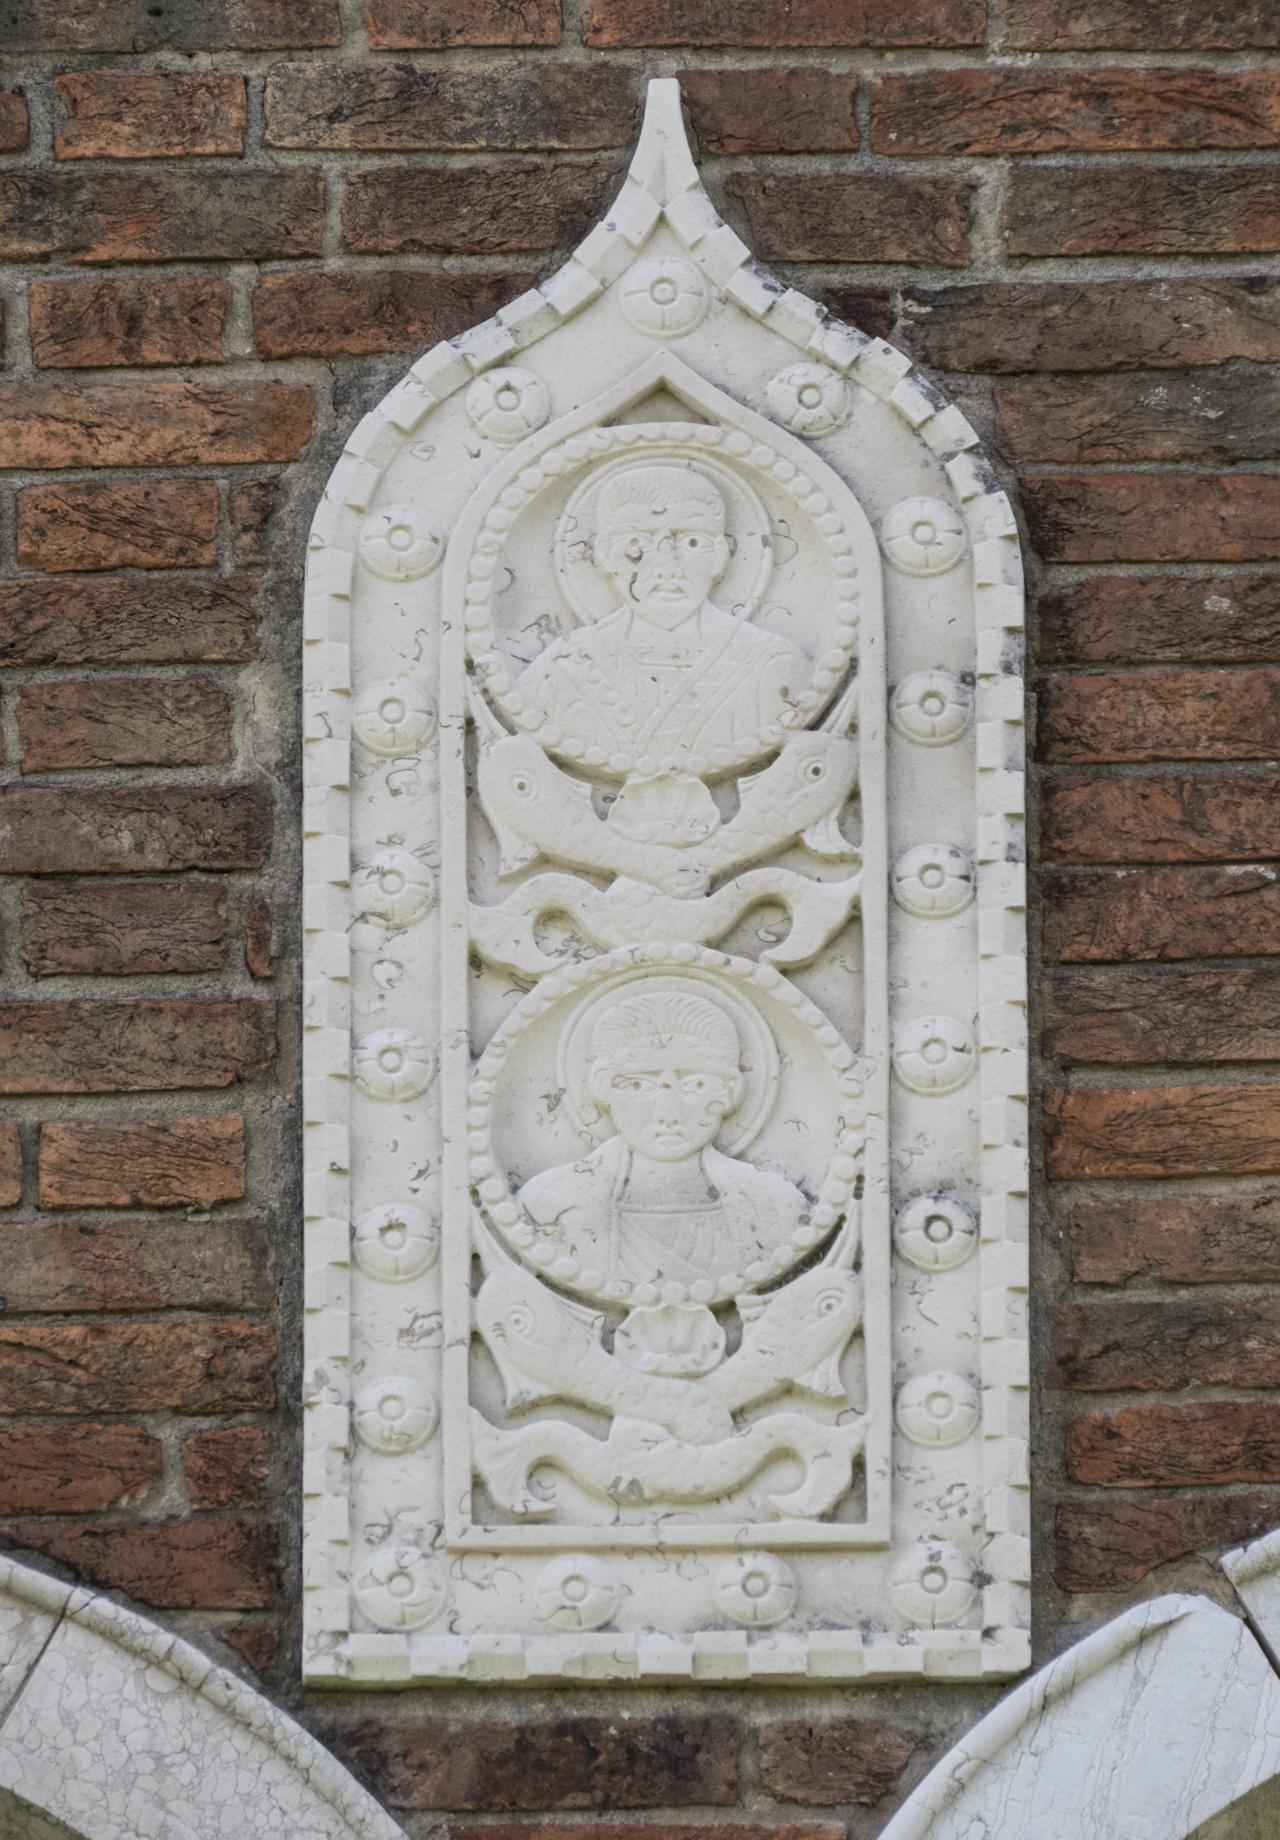 santi, delfini, motivi decorativi a rosetta e a dentelli (formella, serie) - ambito veneziano (sec. XX)